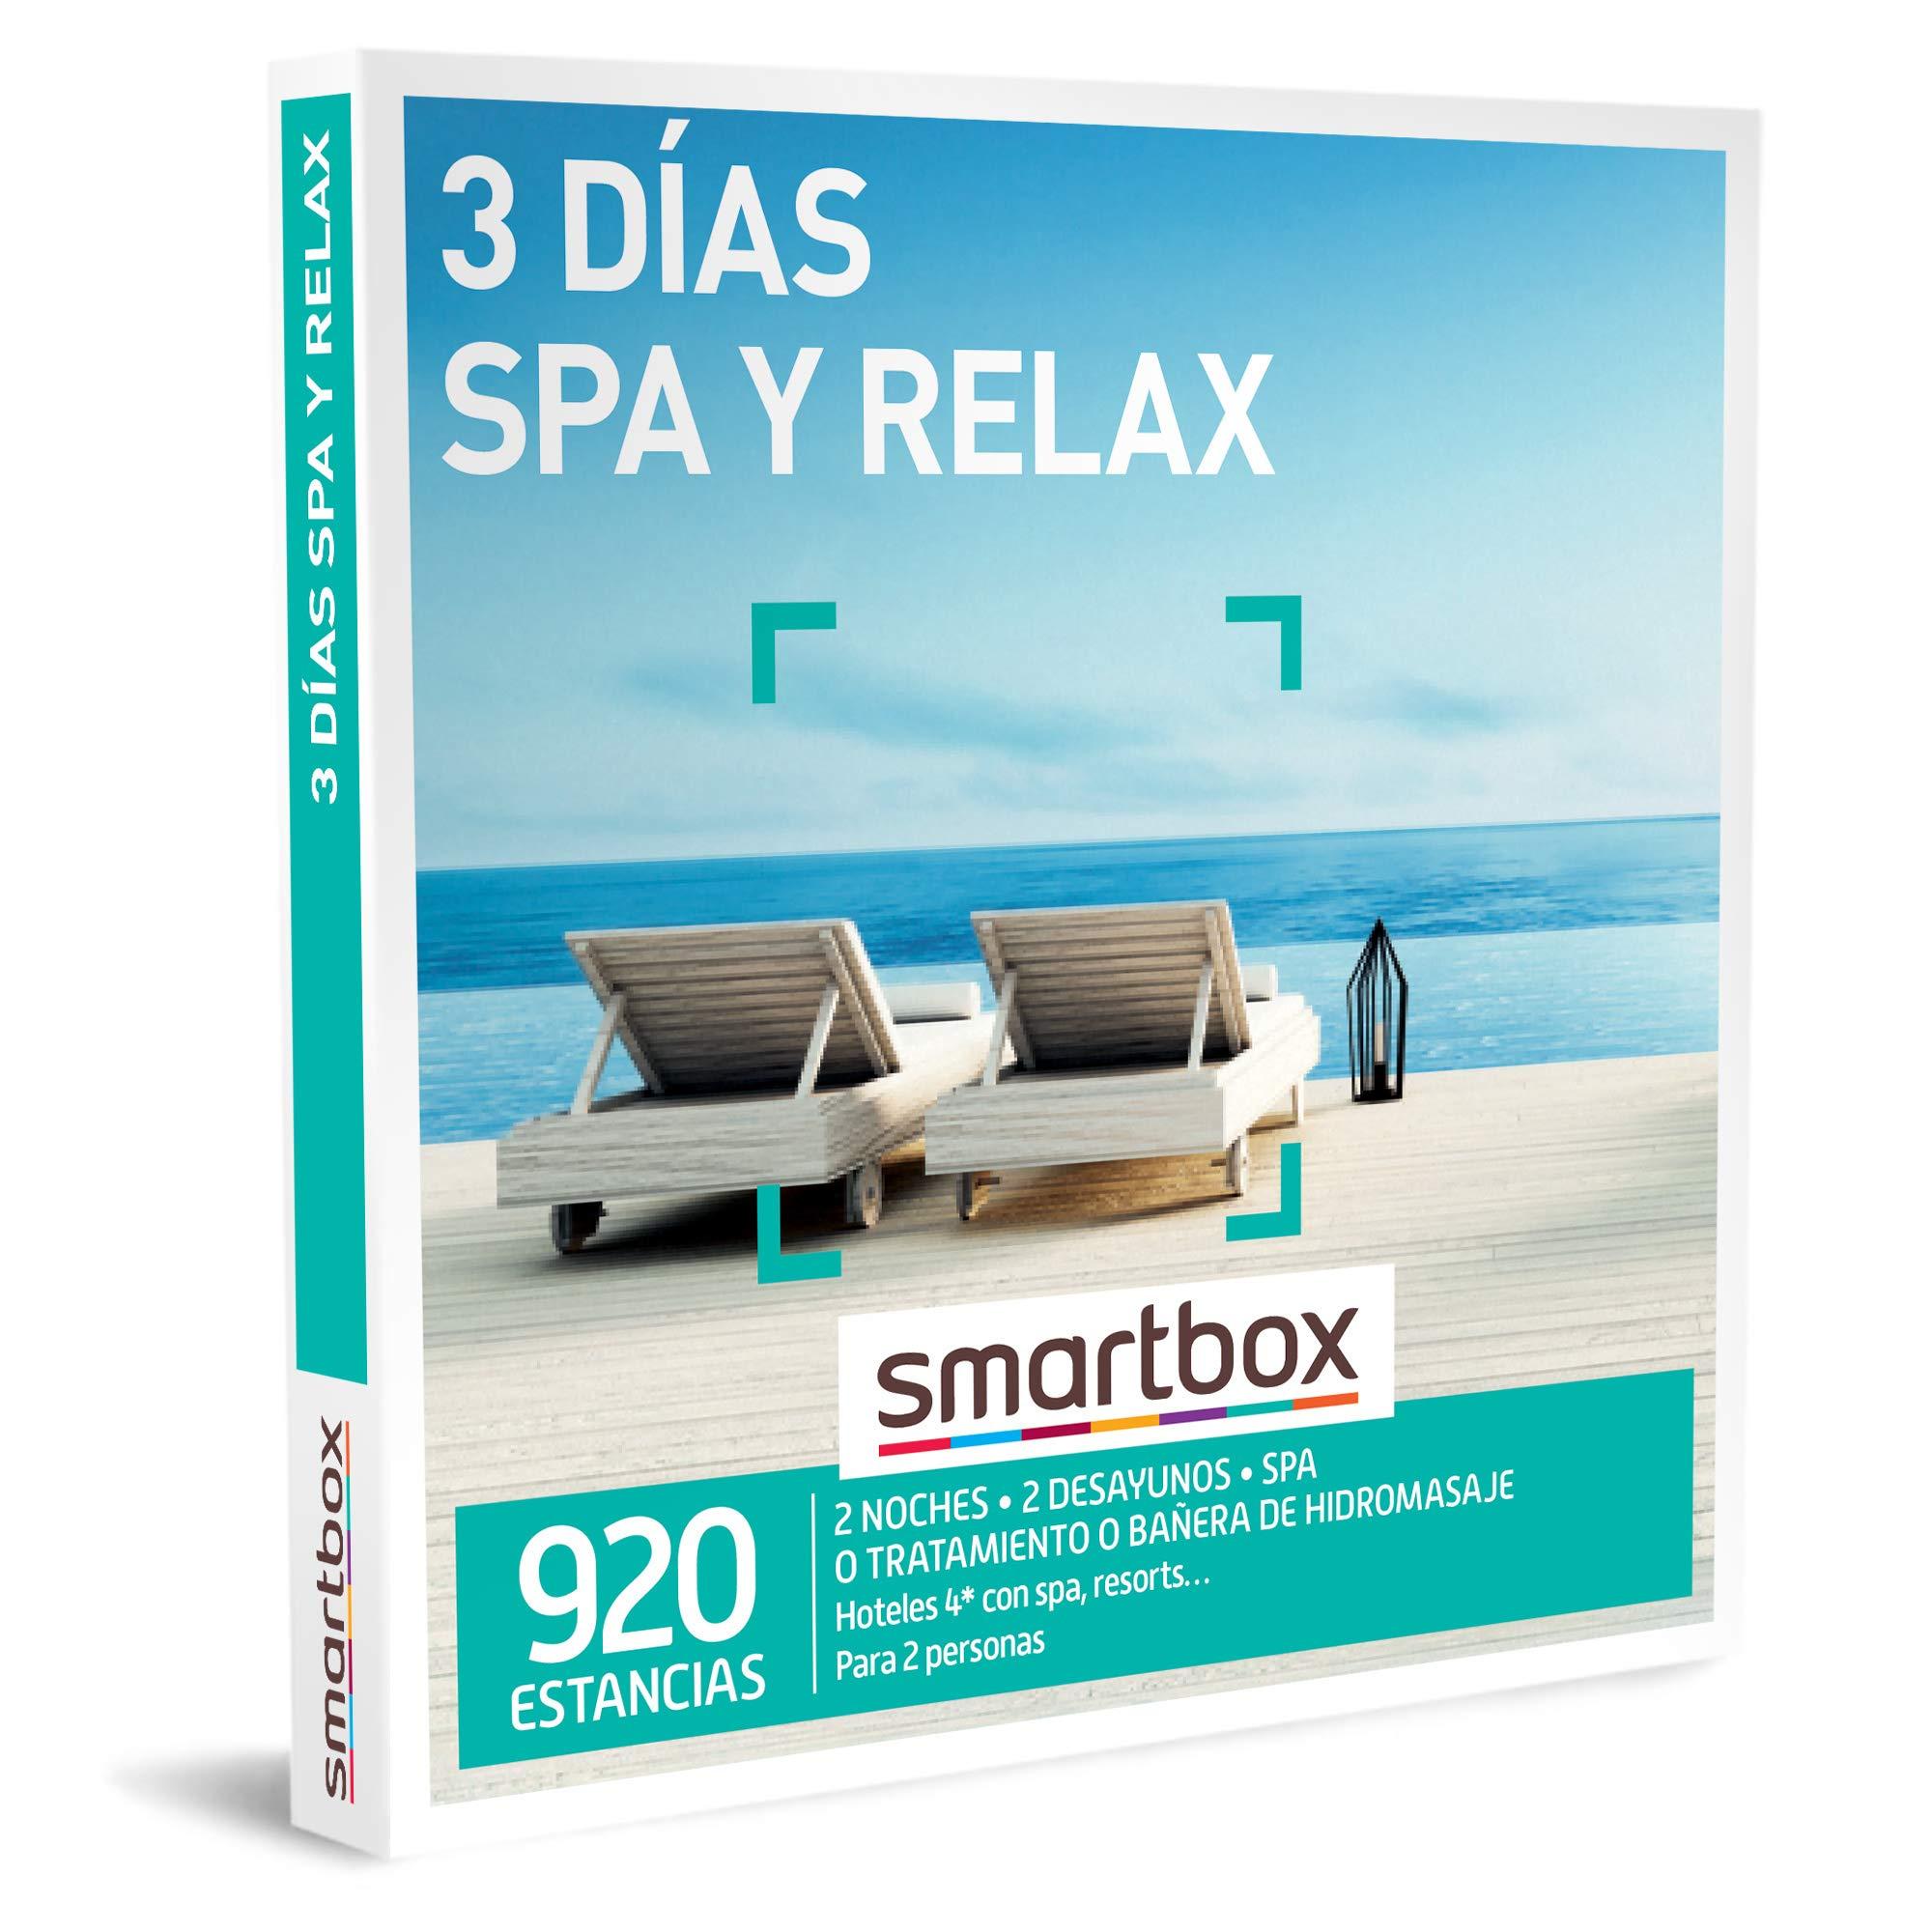 SMARTBOX - Caja Regalo - 3 días SPA y Relax - Idea de Regalo - 2 Noches con Desayuno y Acceso SPA, Tratamiento o bañera de hidromasaje para 2 Personas: Amazon.es: Deportes y aire libre